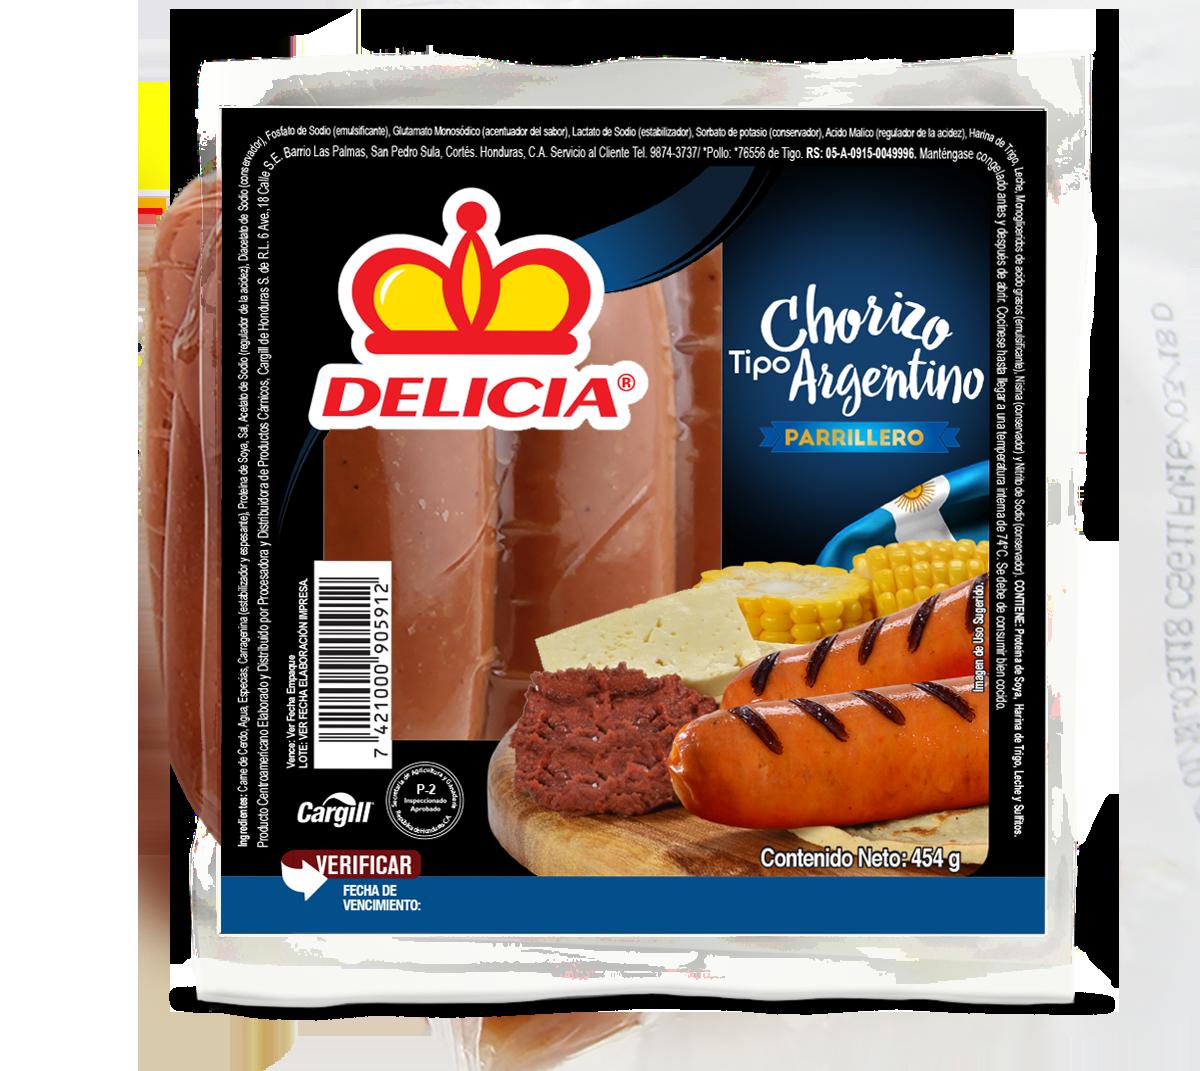 Chorizo Argentino Parrillero Delicia 454gr